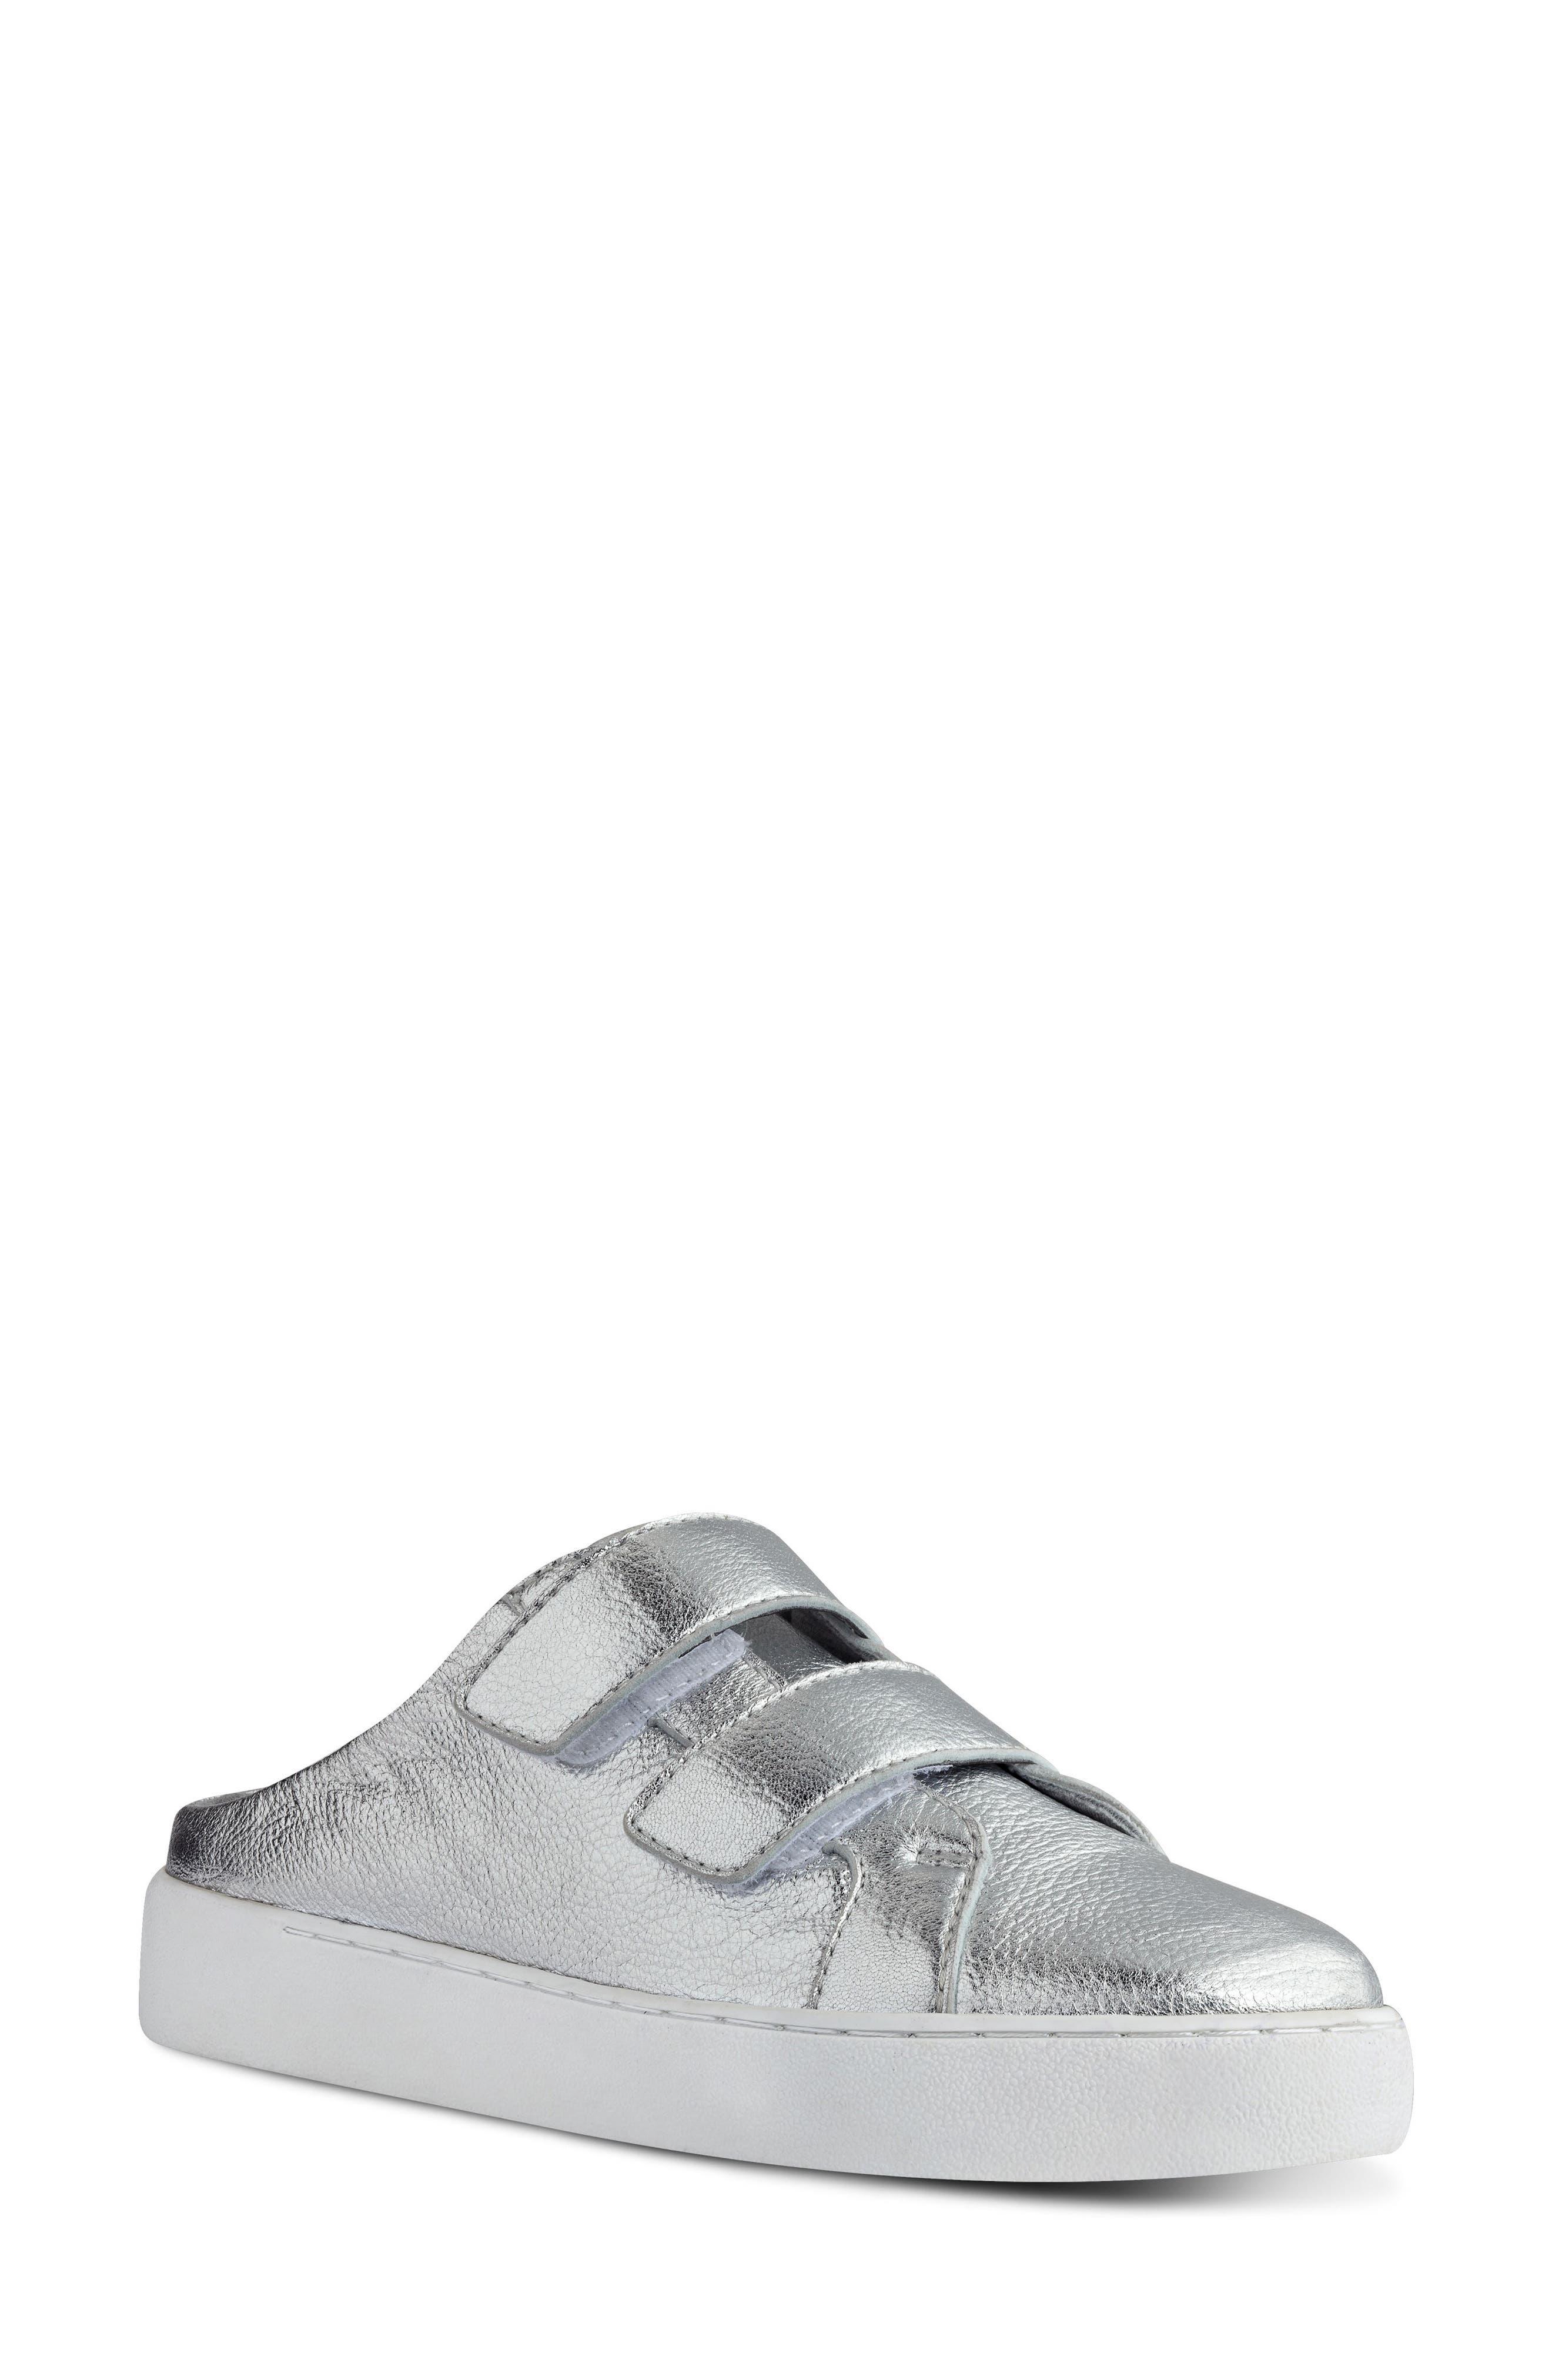 Alternate Image 1 Selected - Nine West Poeton Sneaker Mule (Women)